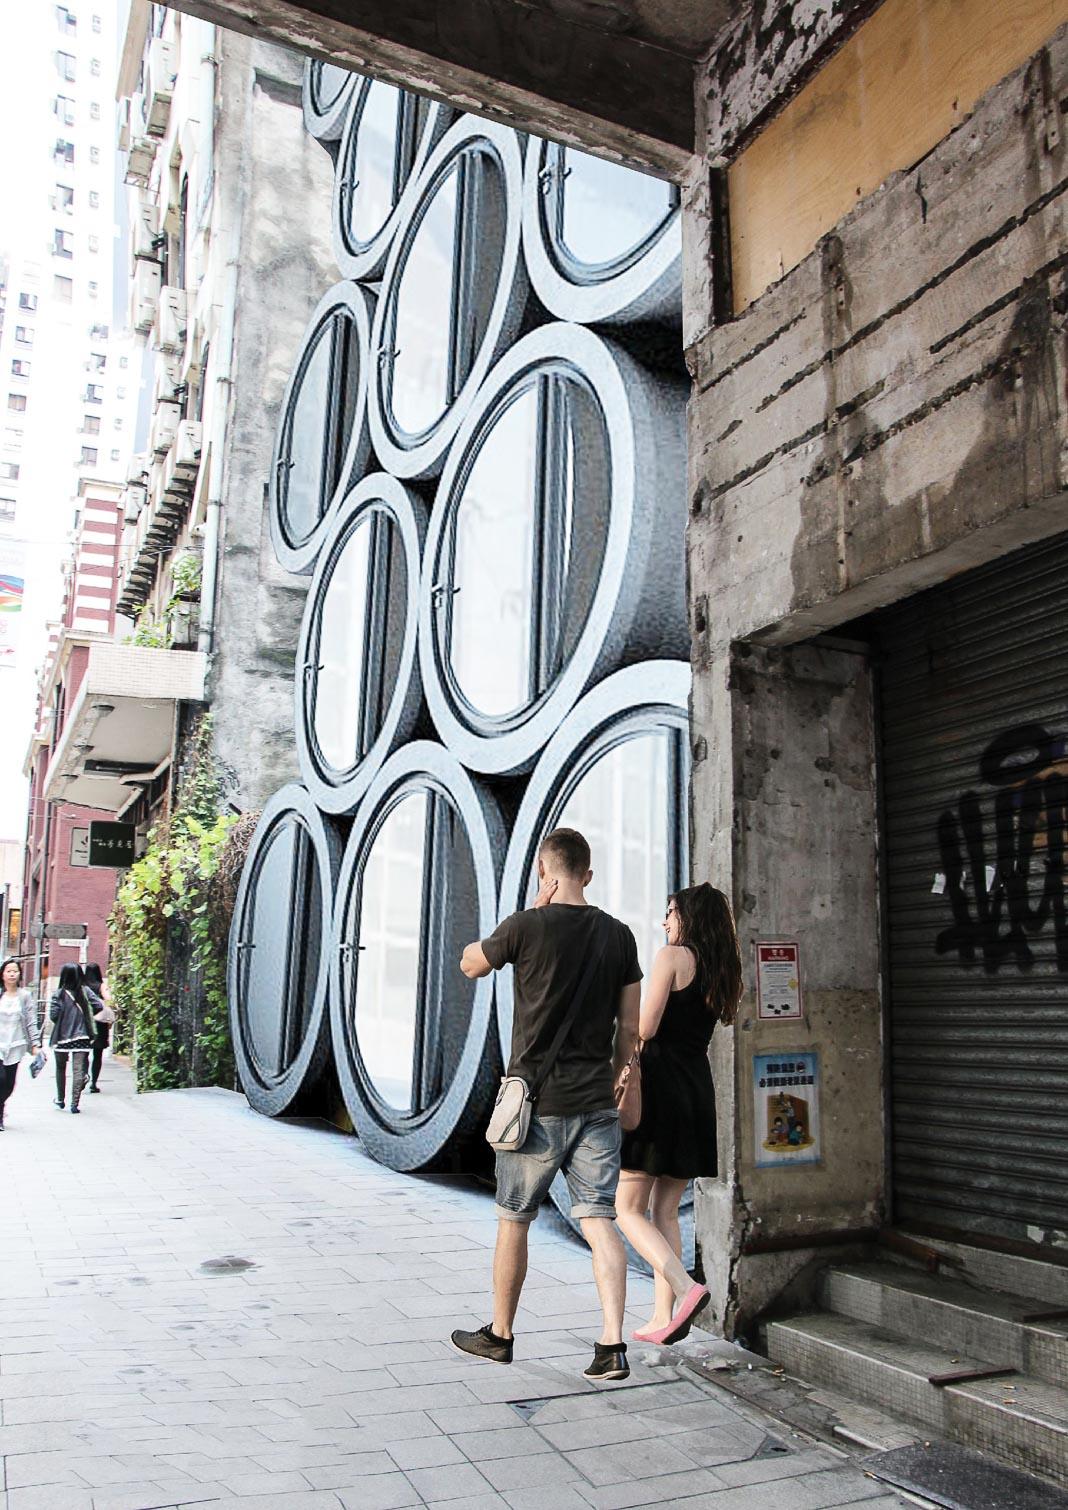 OPod đặt chồng lên nhau ở khu Sheung Wan của Hong Kong 1